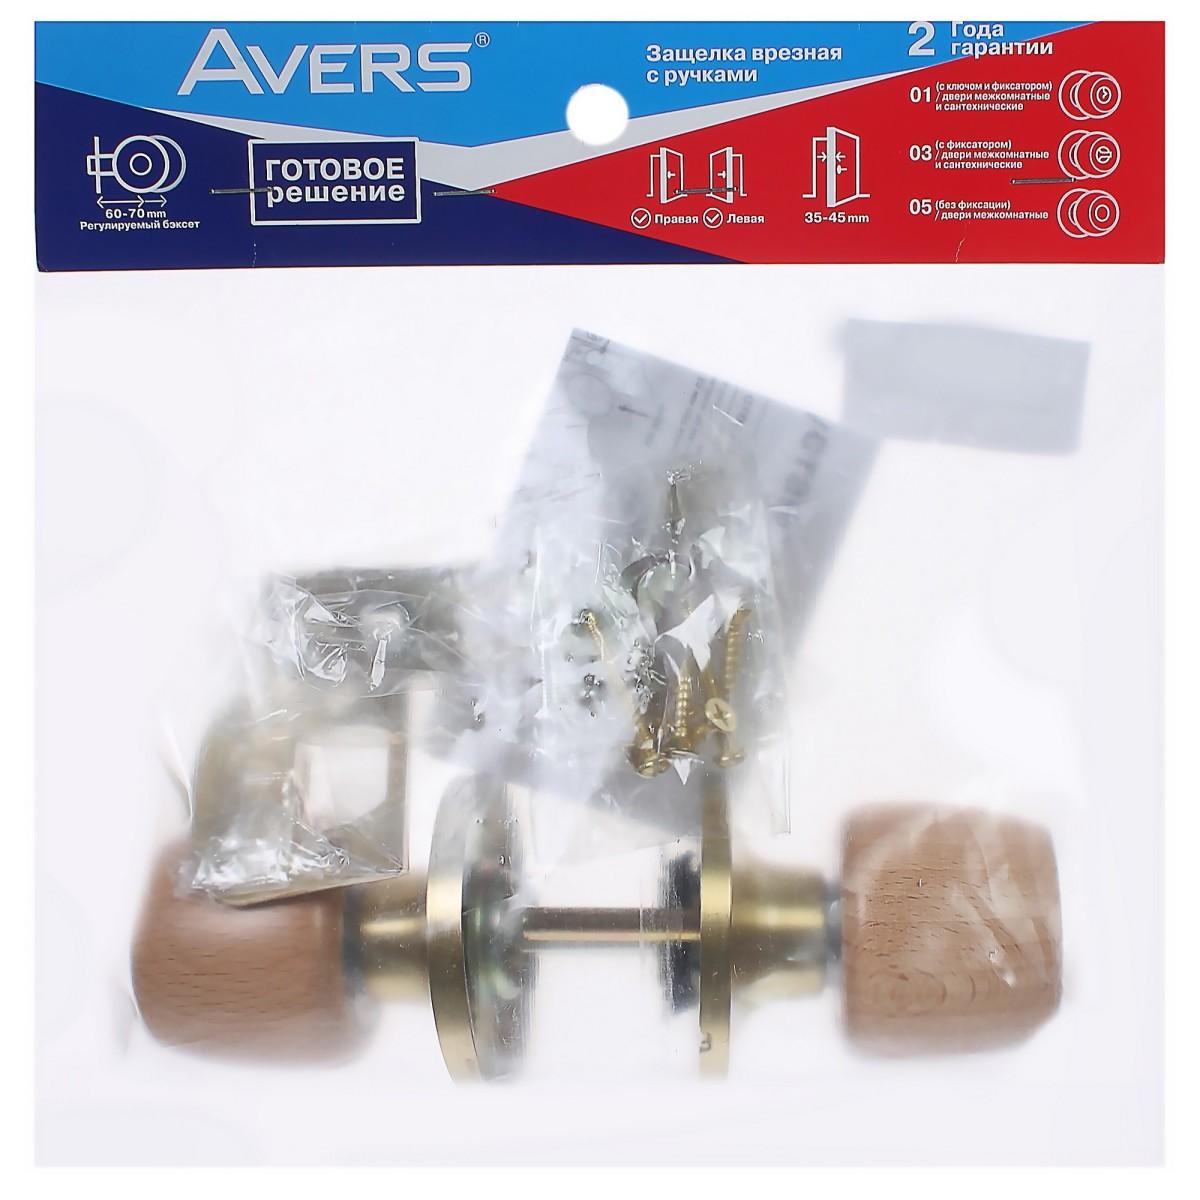 Ручка-Защёлка Avers 0598-05-Gm/Beech Без Запирания Сталь Цвет Матовое Золото/Бук